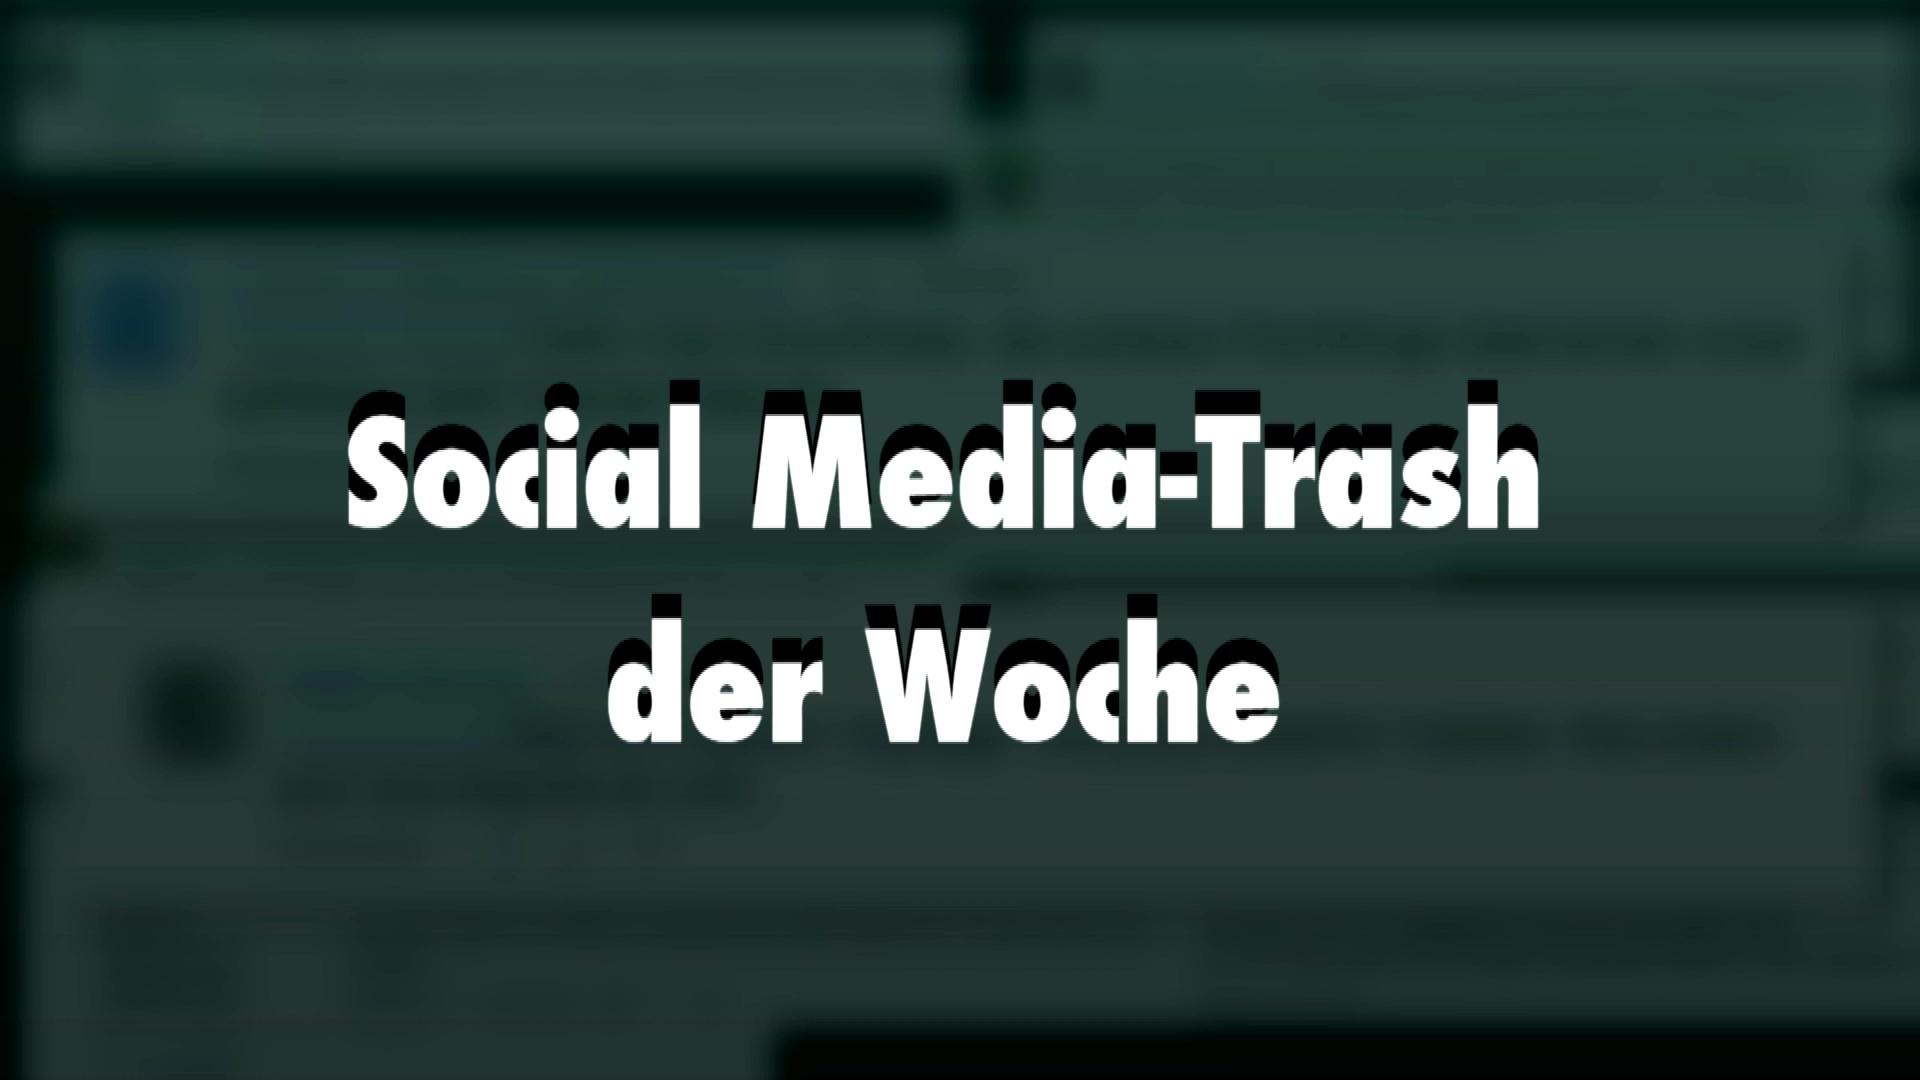 Social Media Trash der Woche #1